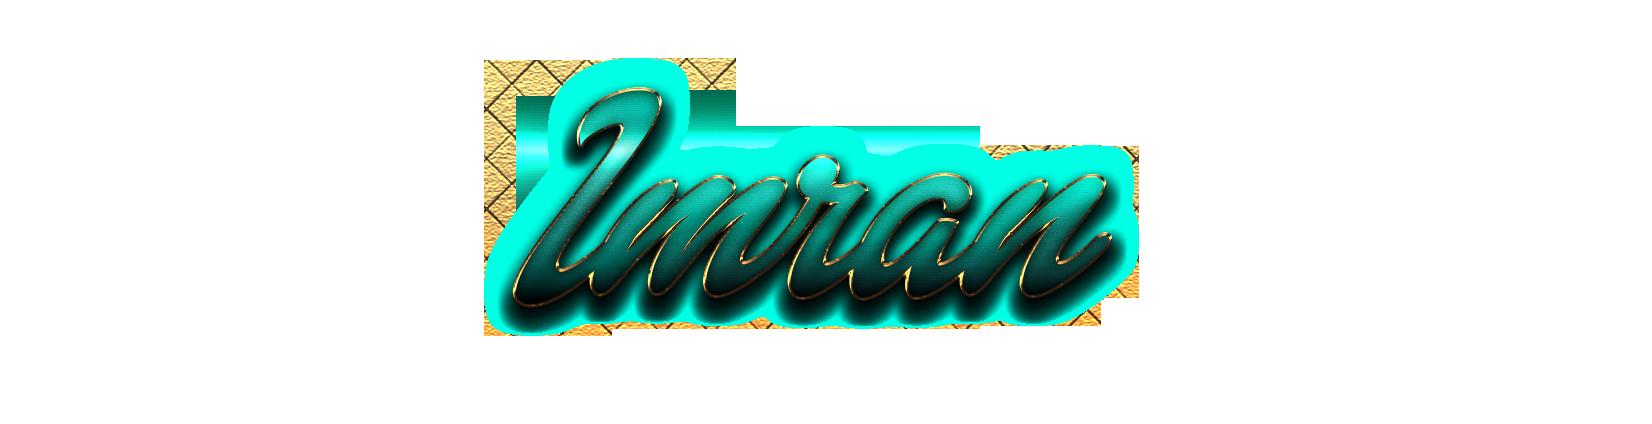 Imran Name Logo PNG.